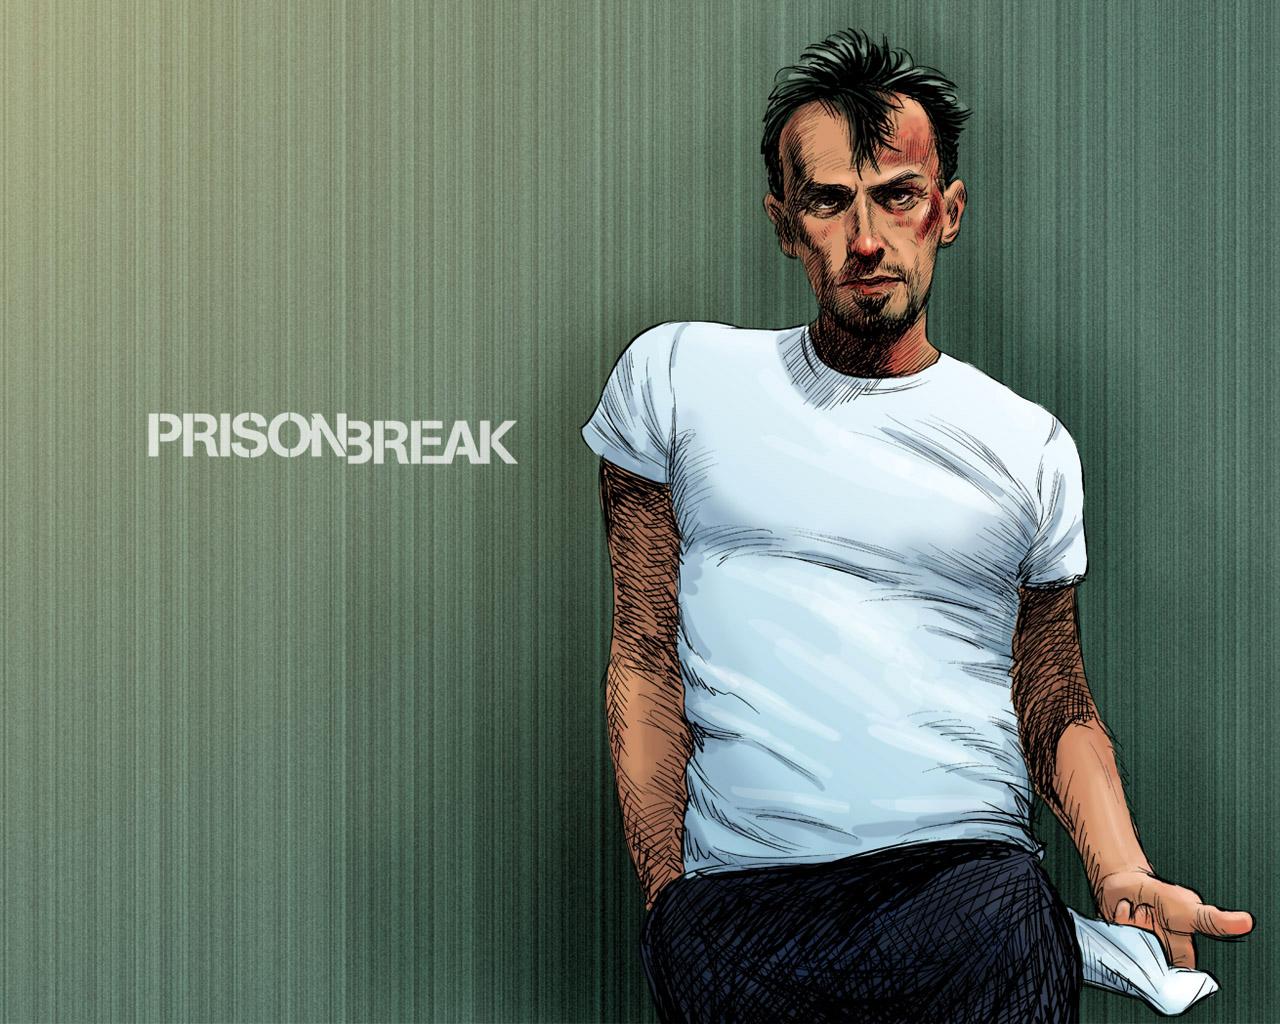 t bag prison break quotes quotesgram